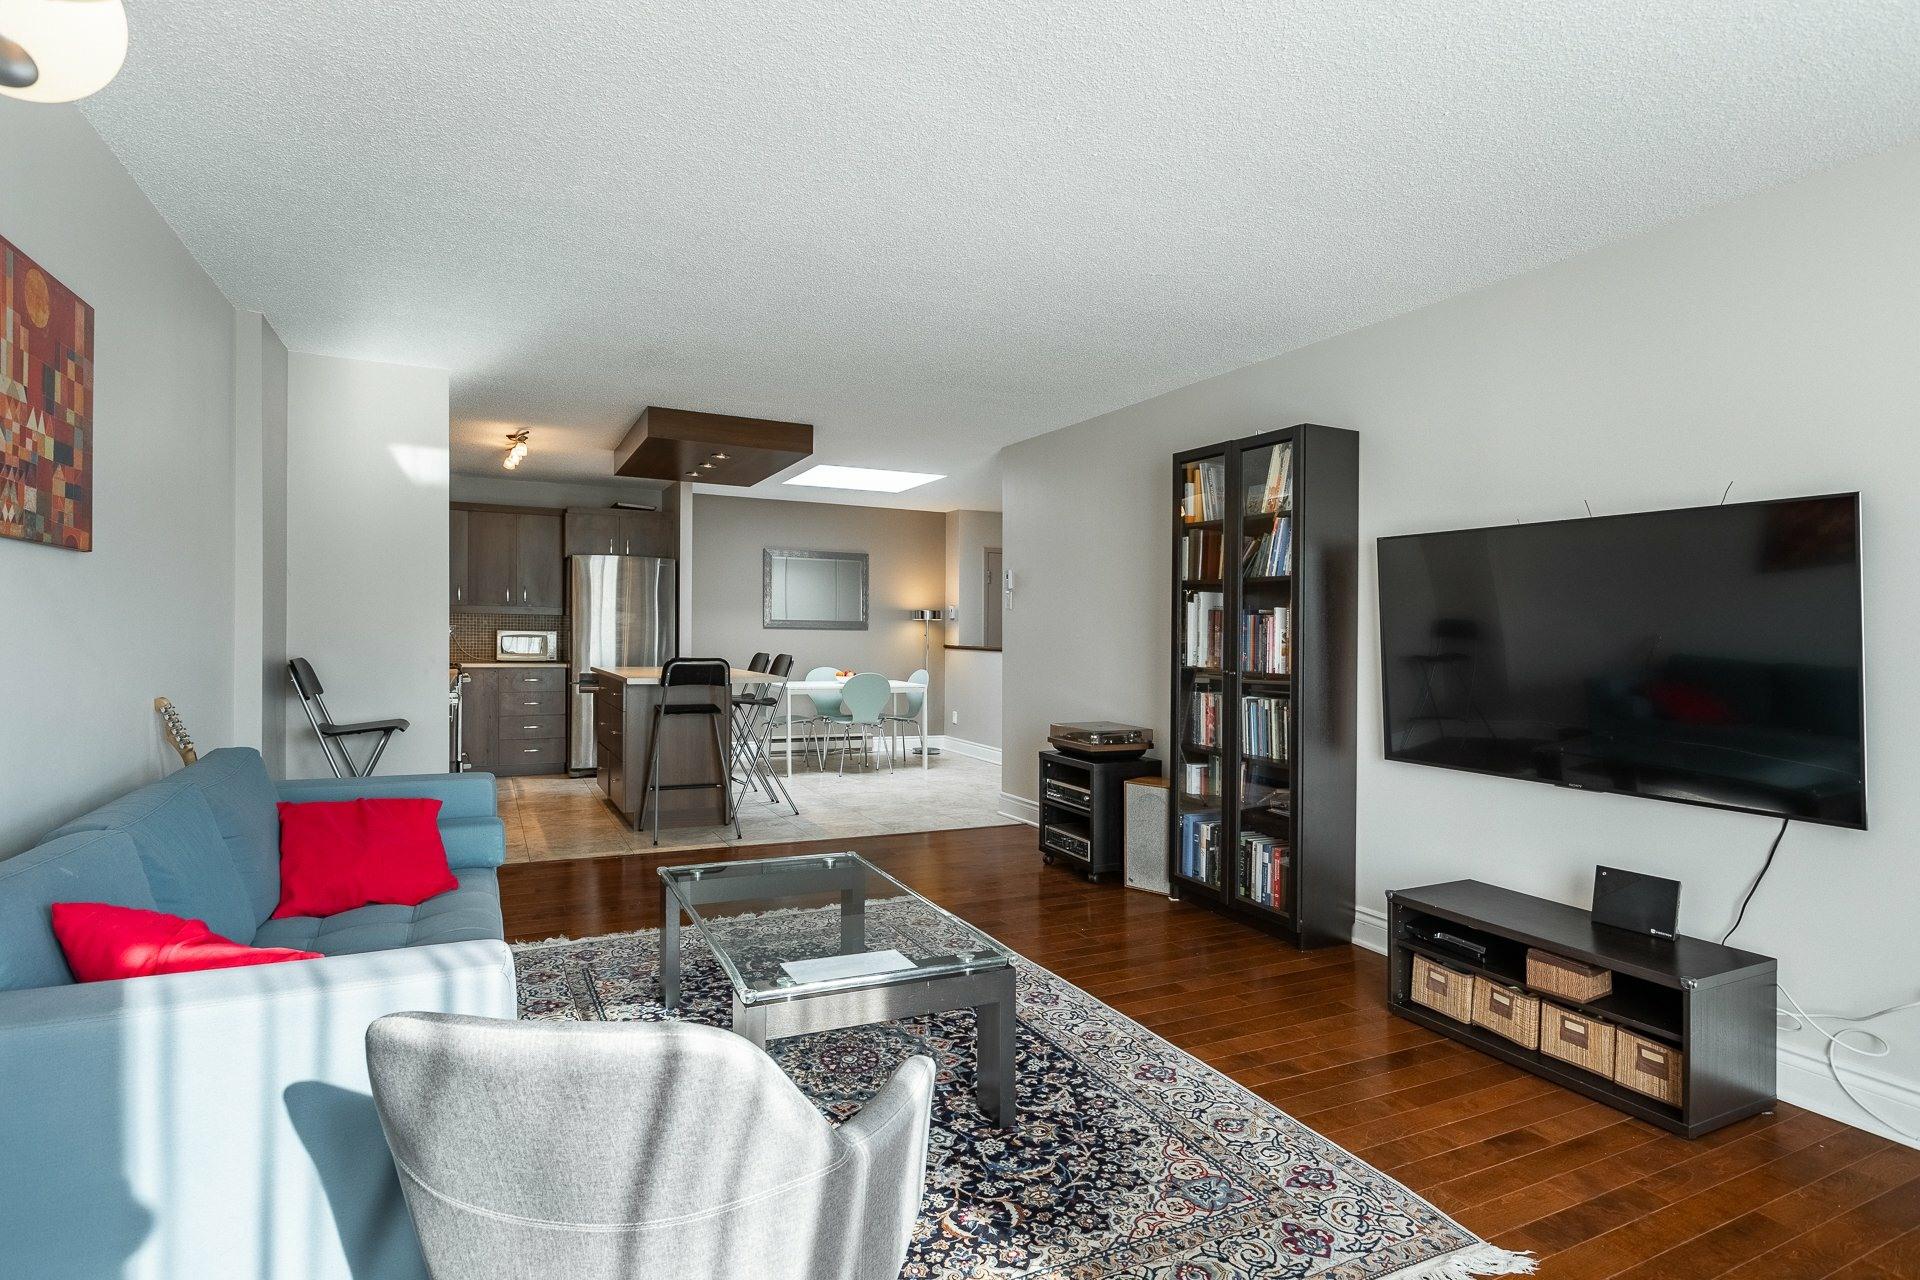 image 5 - Appartement À vendre Montréal Le Plateau-Mont-Royal  - 8 pièces